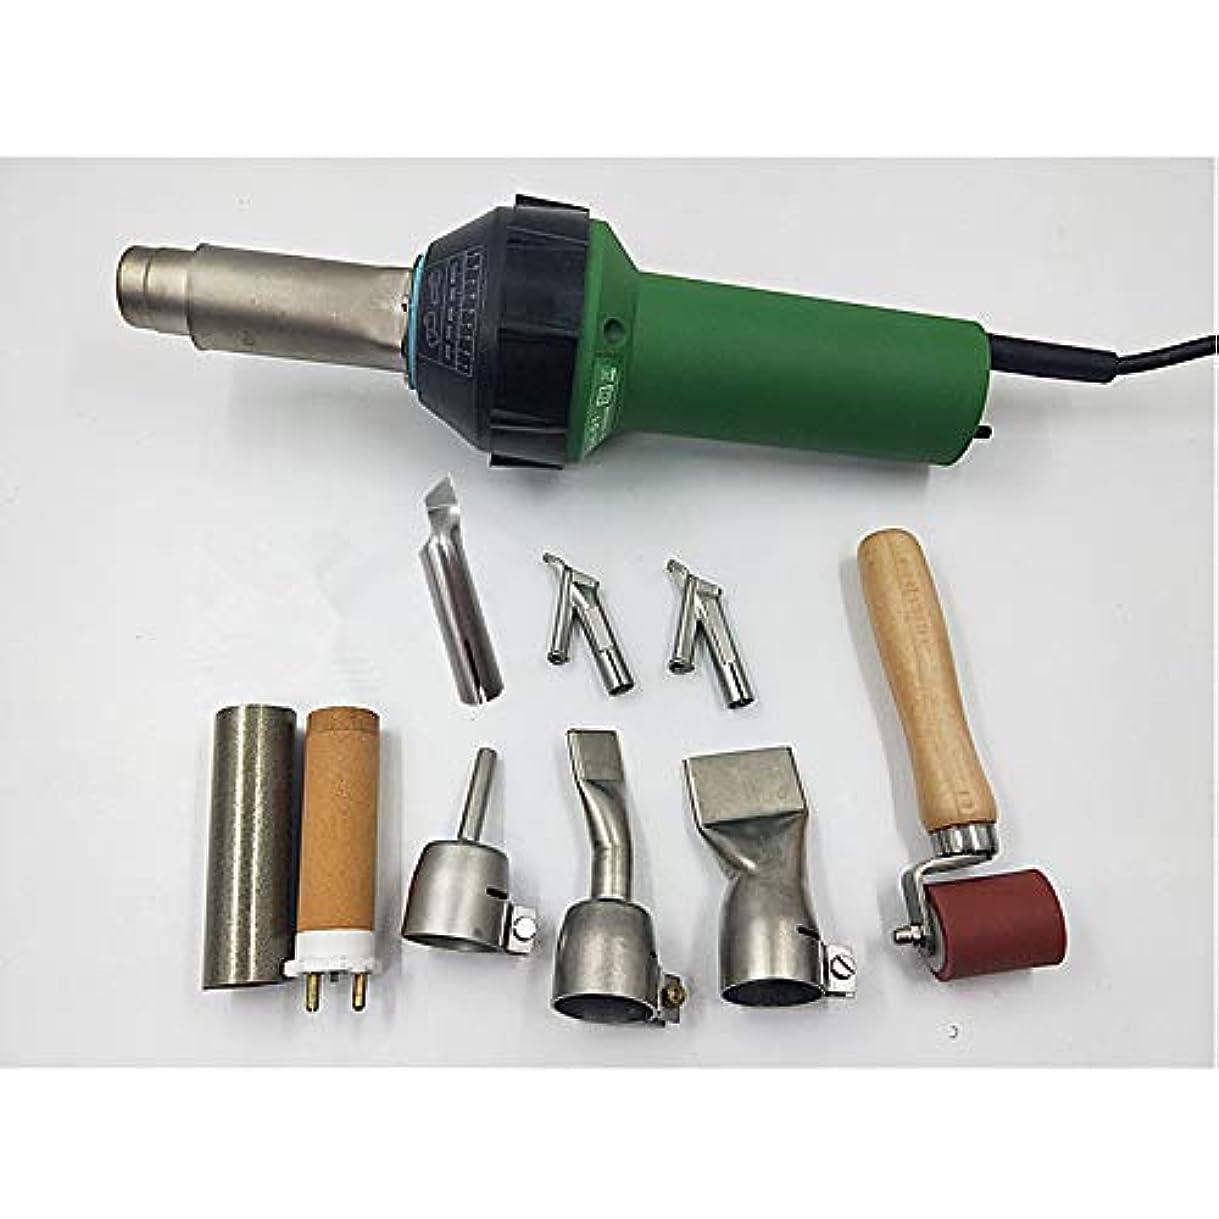 強要セクタフライカイト110 V ホットエアウェルダーガン ヒートガン ビニールフロアオーバーラップ ホットブラストトーチアクセサリー ホットガン 小型 熱風機 プラスチック 溶接機キット 熱い空気銃 電動工具 エア工具